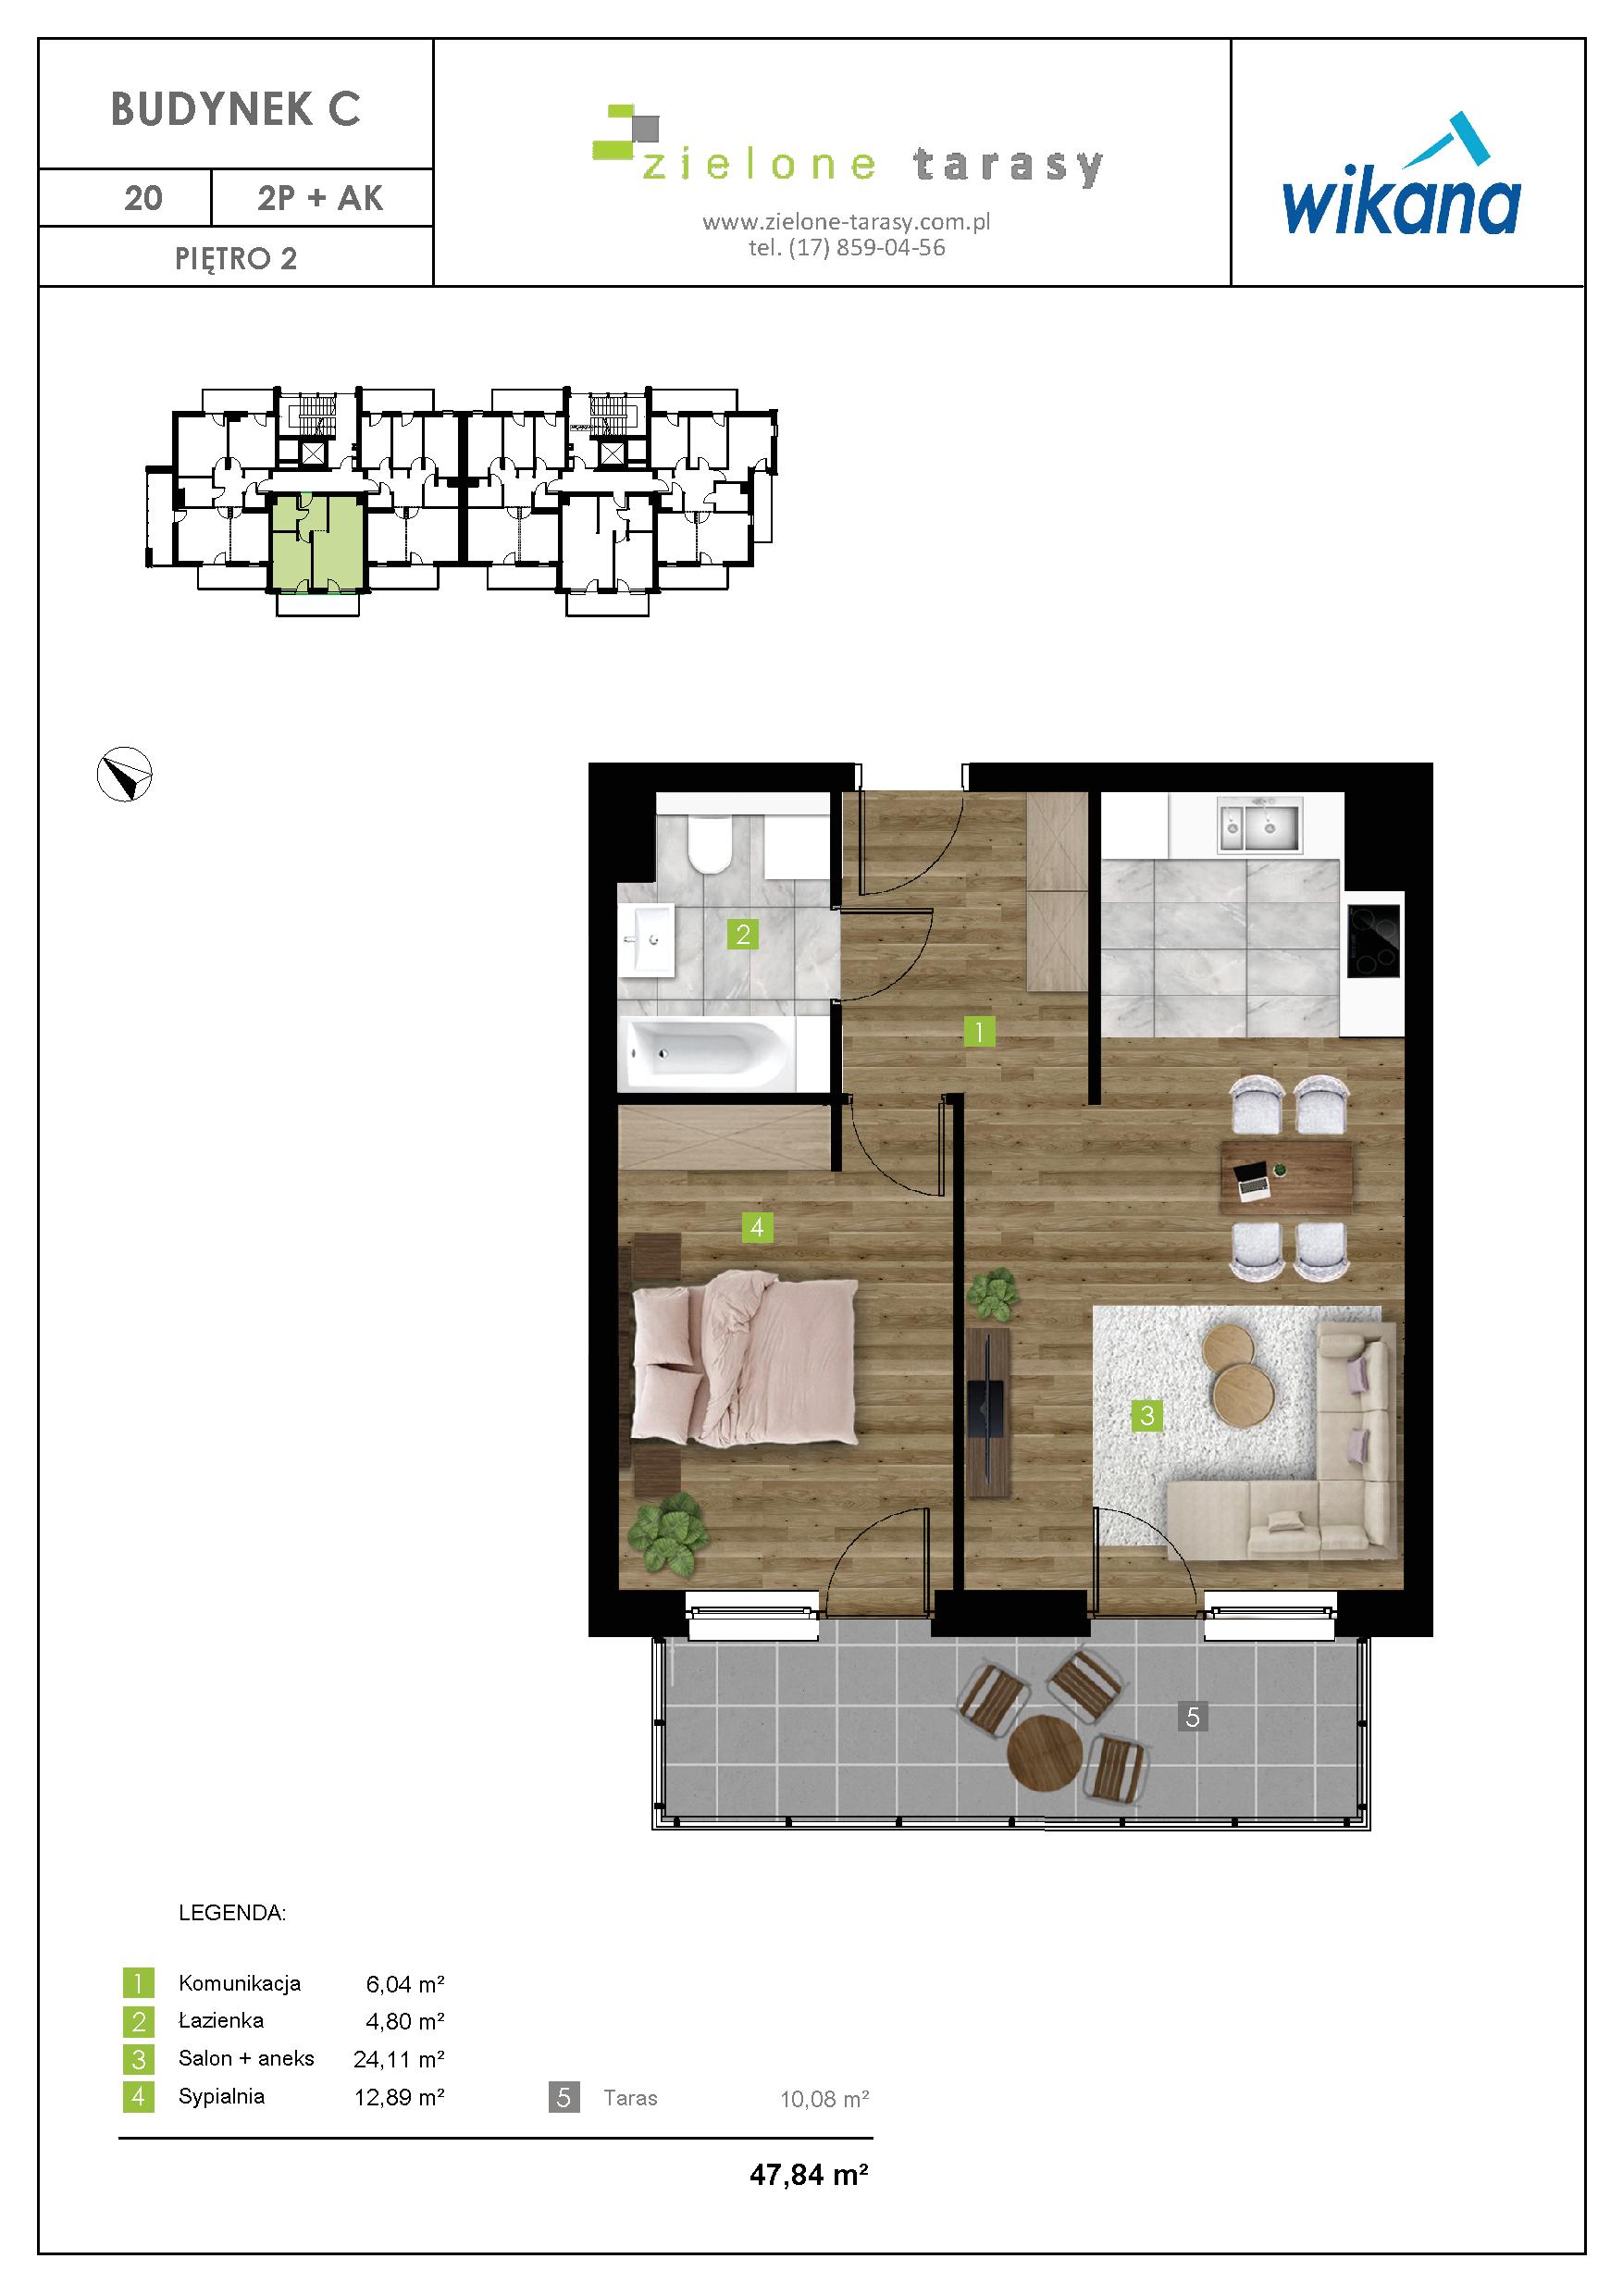 sprzedaż mieszkań rzeszów - C-20